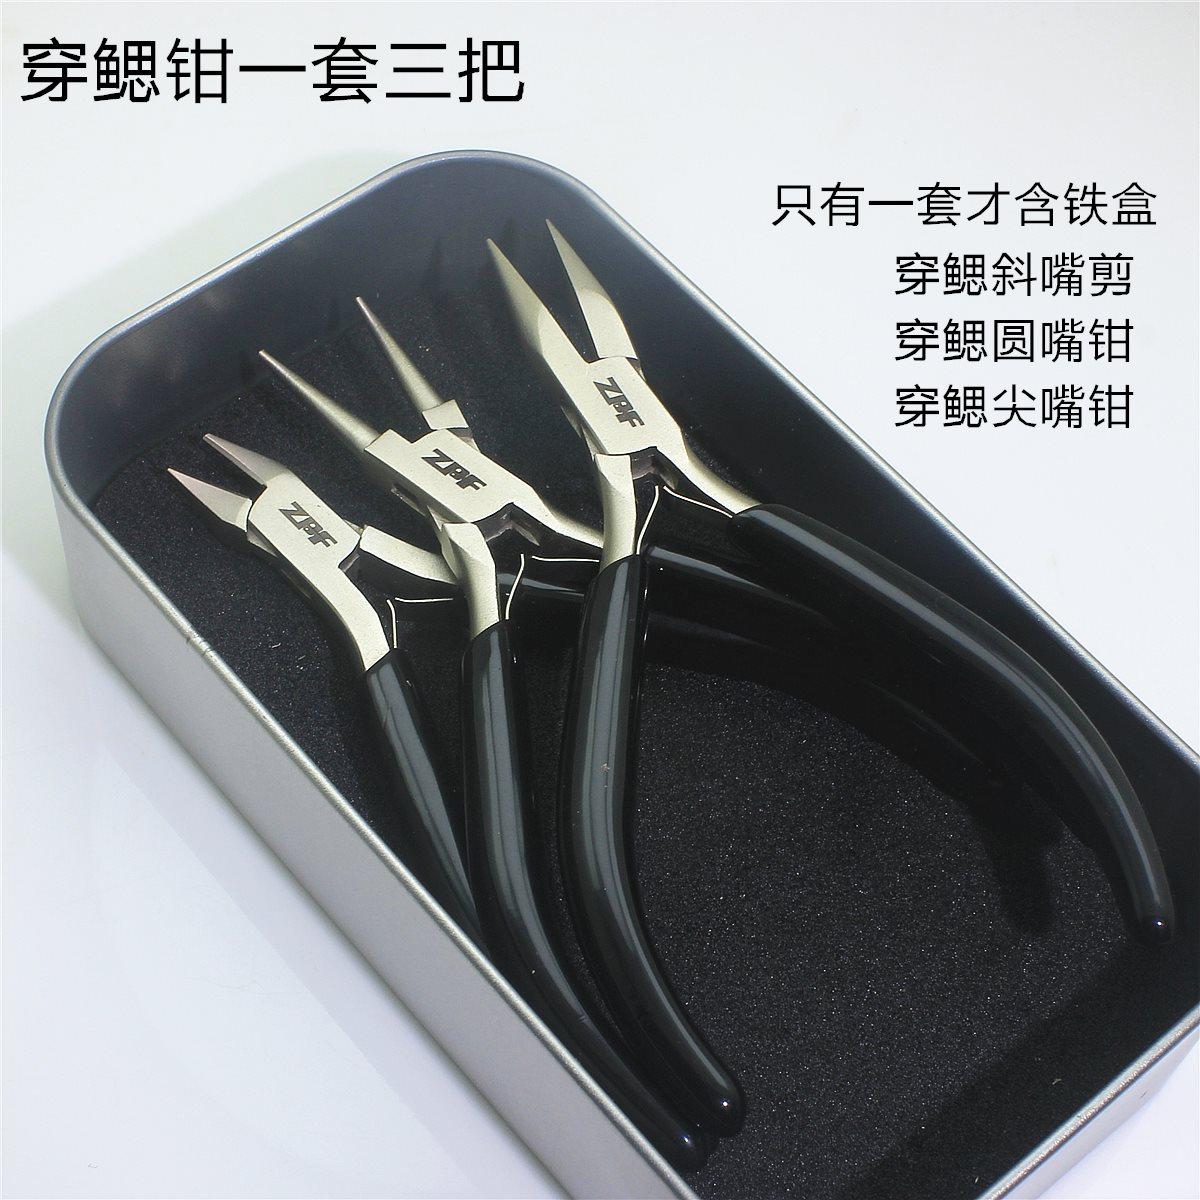 ZPF饰品DIY钳子套手工珠宝钳尖嘴钳圆嘴钳首饰制作改造迷你工具